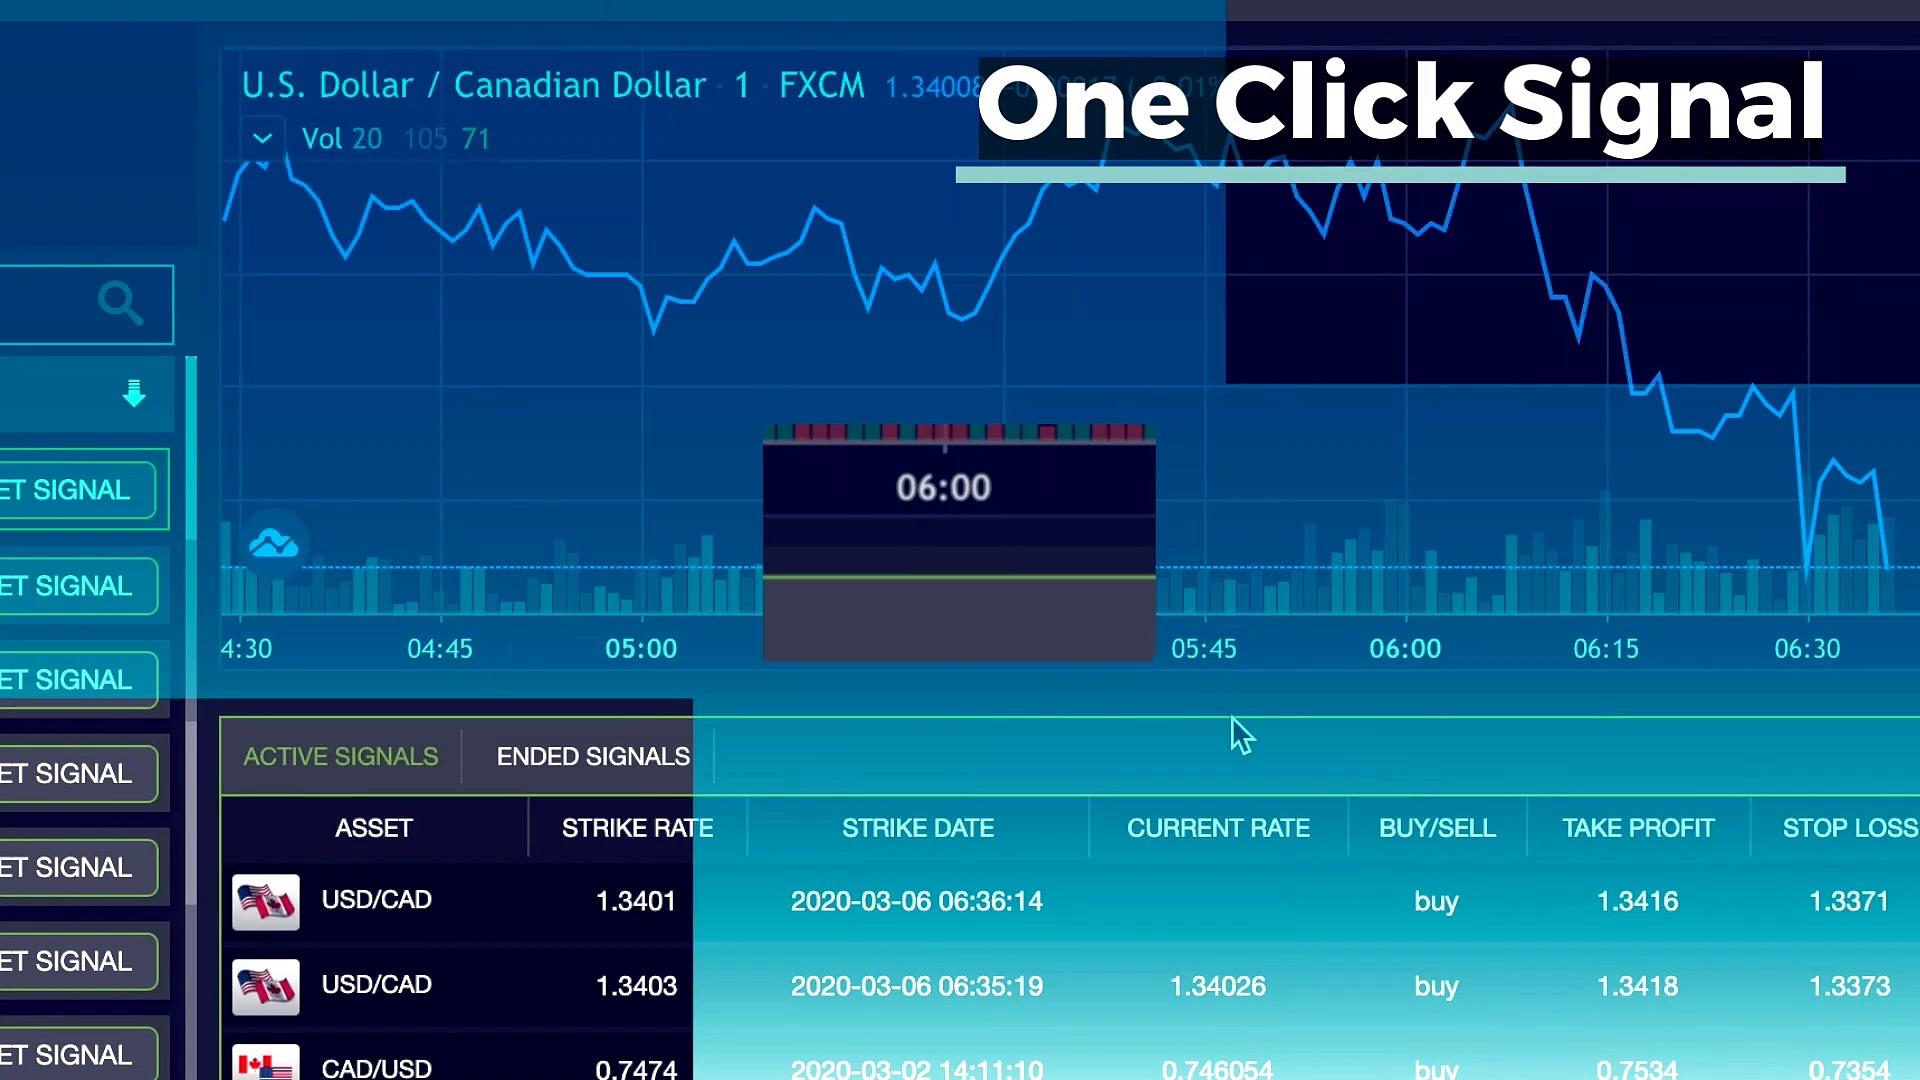 Trading Signals @ Tools Trade